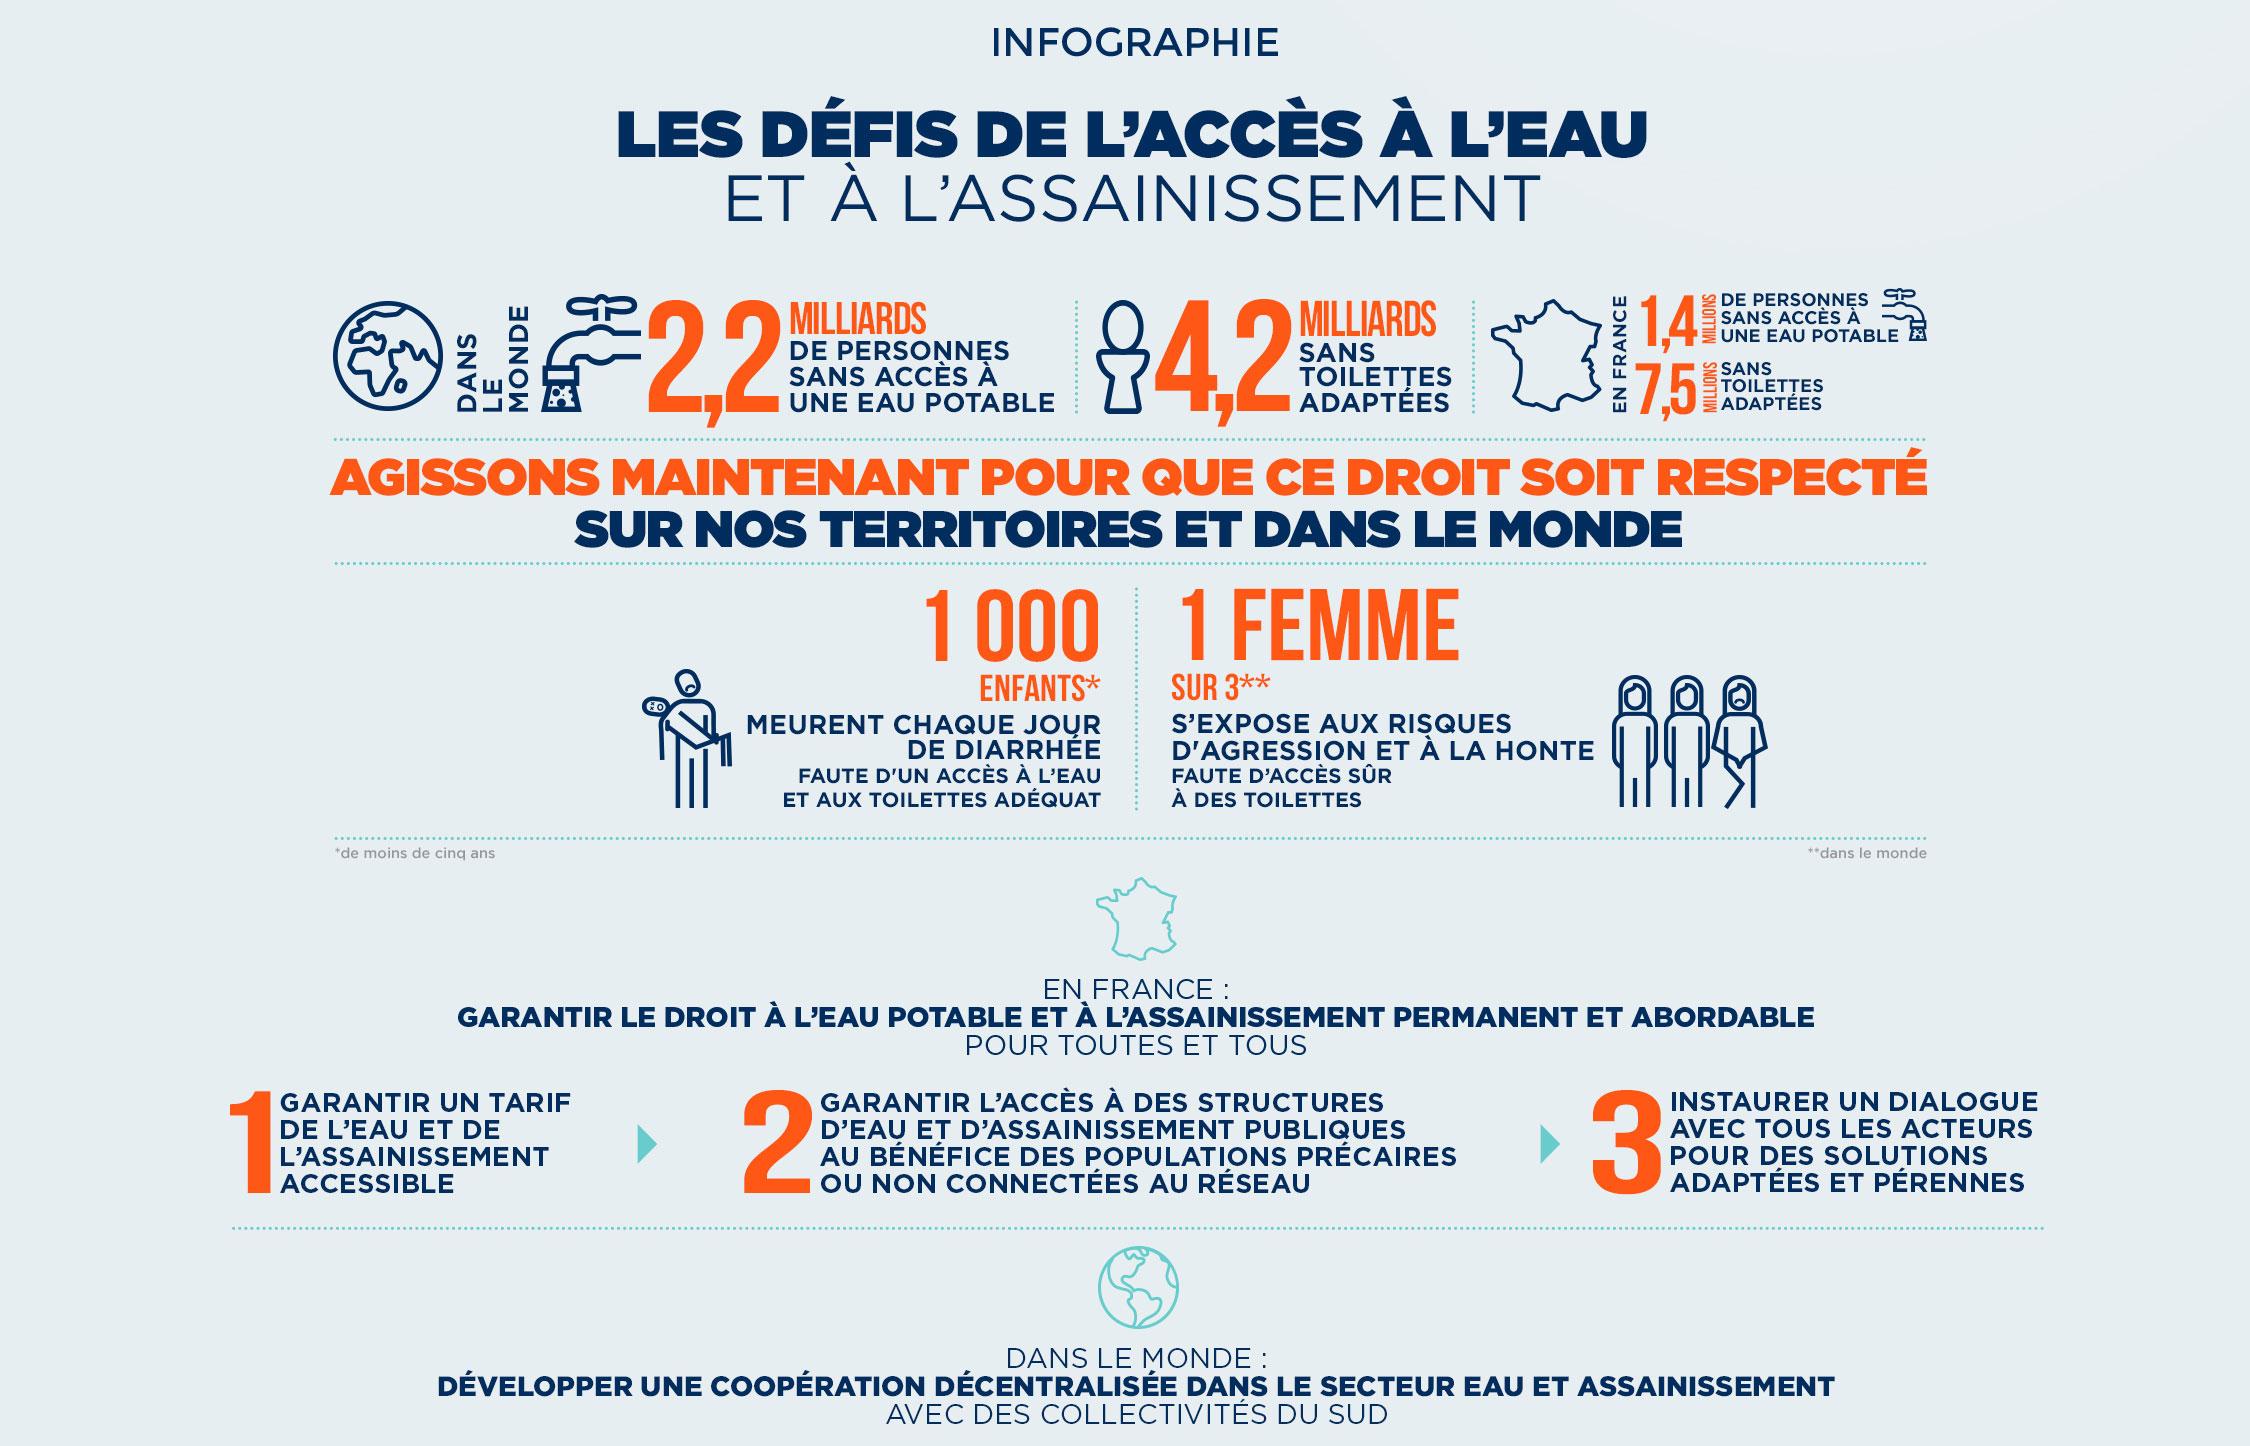 Infographie montrant des chiffres important sur l'accès à l'eau